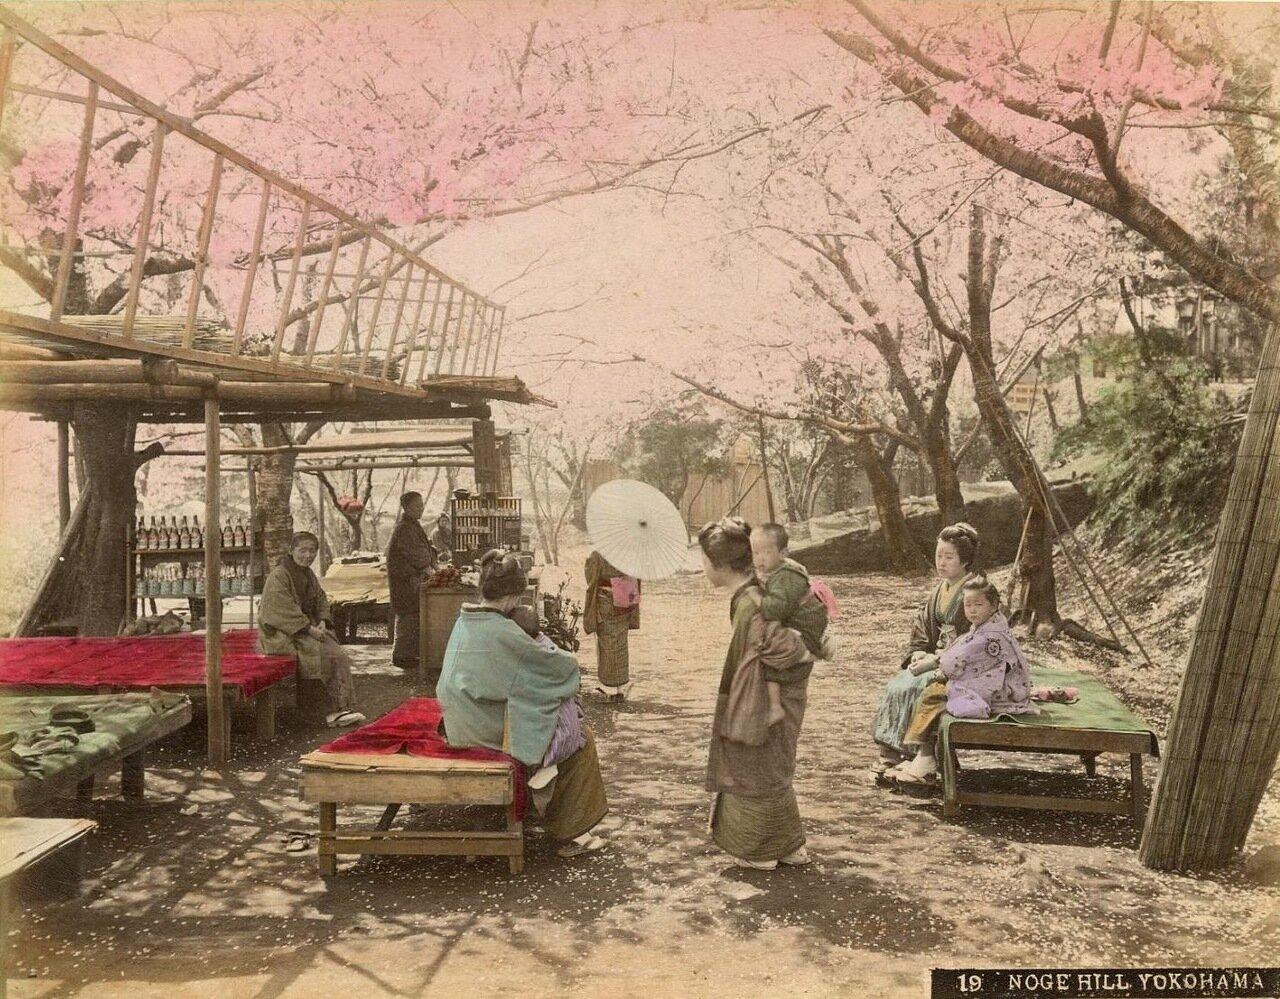 Иокогама. Холм Ноге